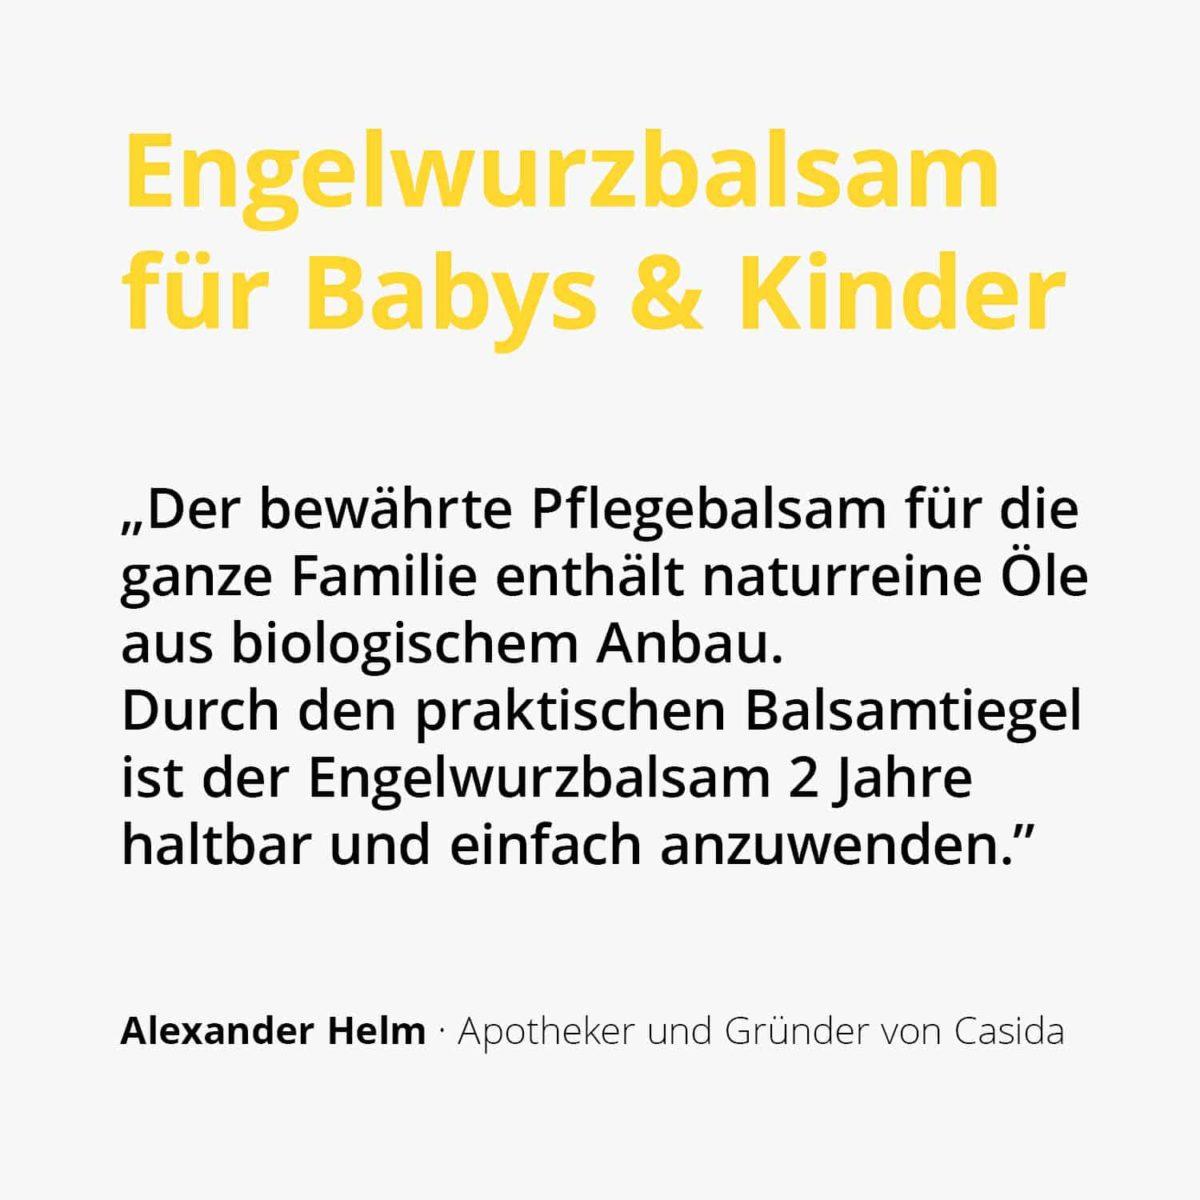 Casida Engelwurzbalsam für Kinder 15 g 10086729 PZN Apotheke Schnupfen Baby2